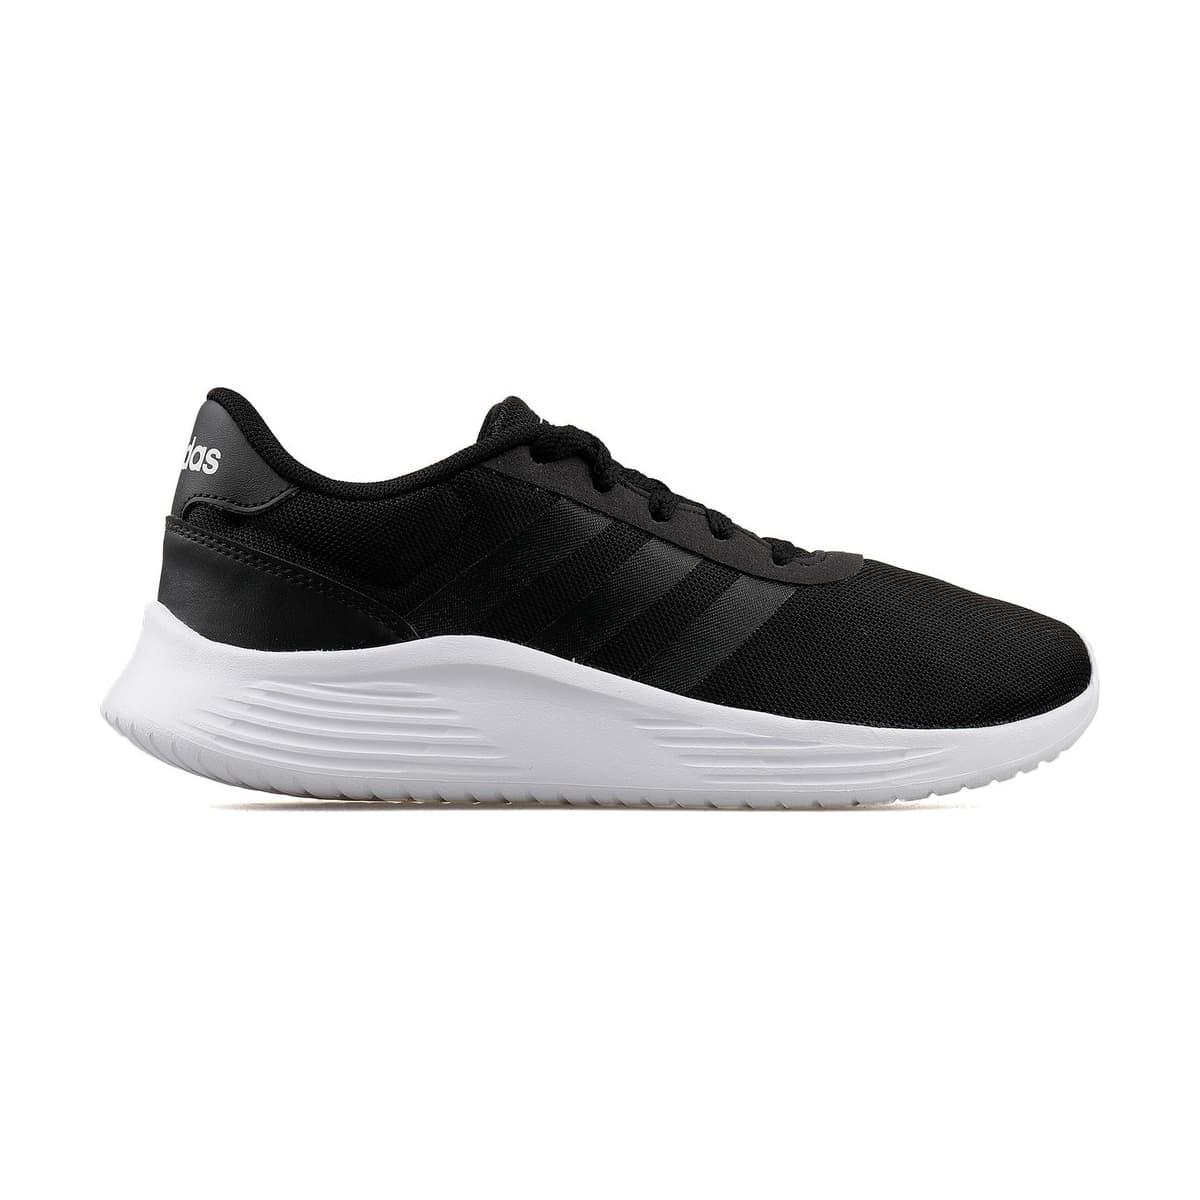 Lite Racer 2.0 Kadın Siyah Koşu Ayakkabısı (FZ0385)